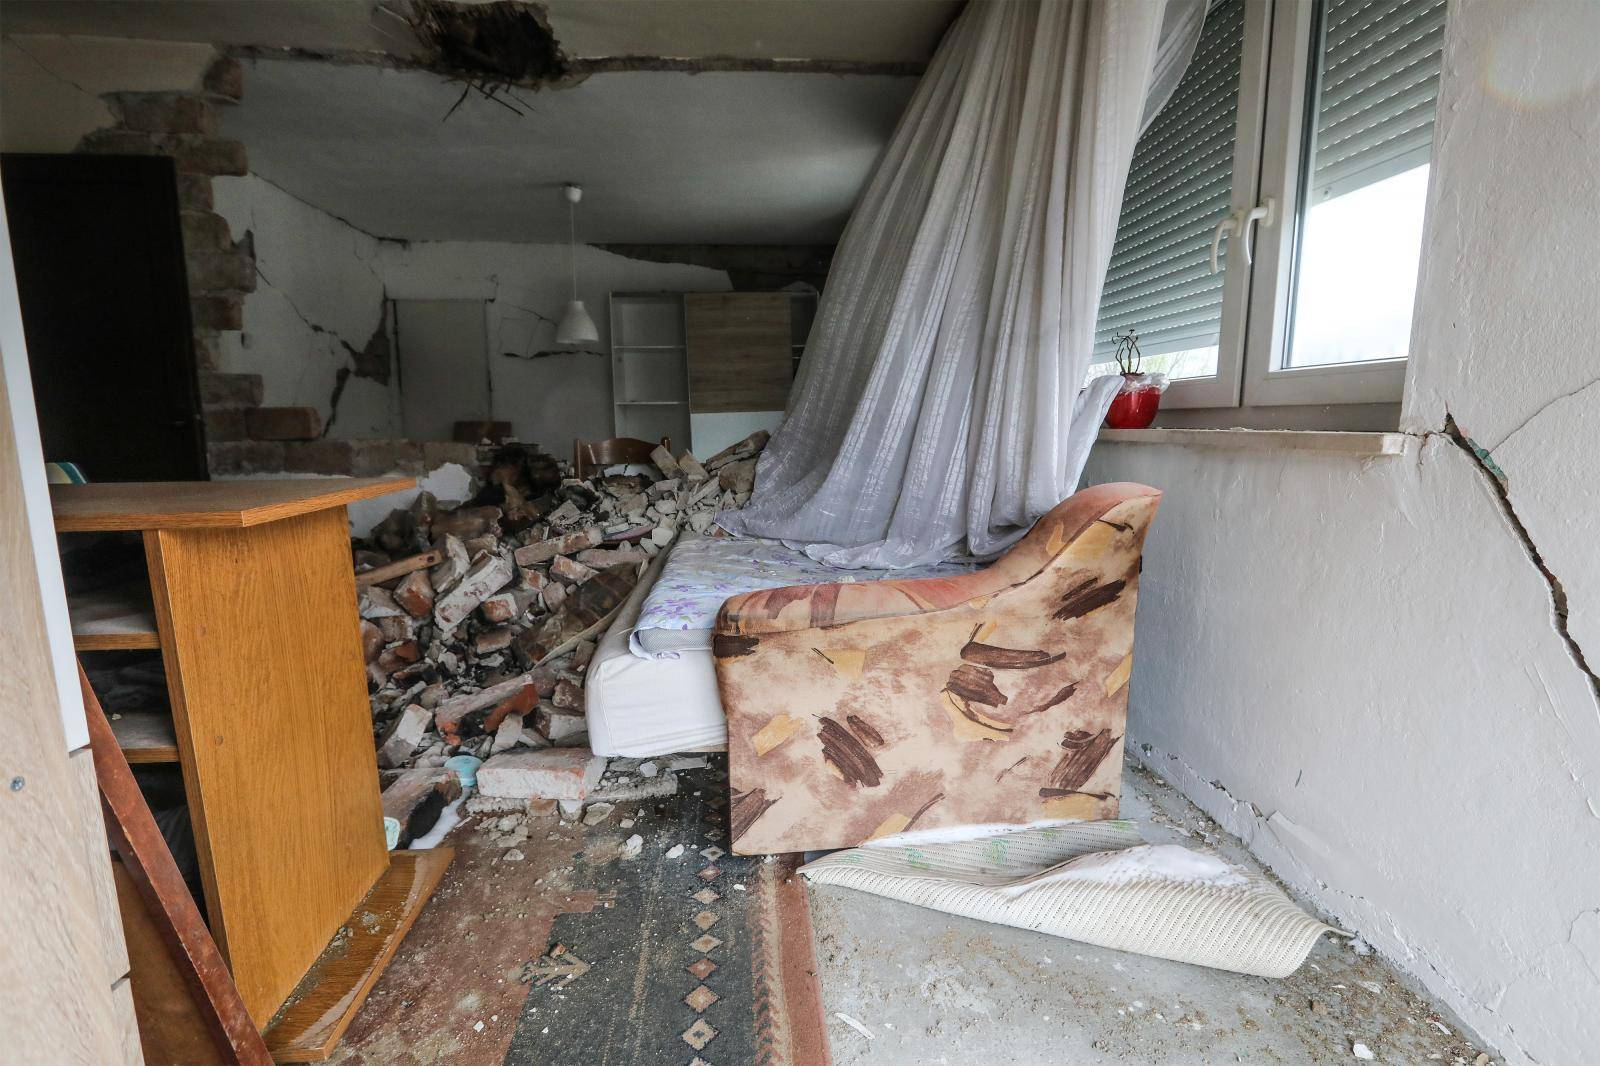 Epicentar: Svaka druga kuća za rušenje, kao da je meteor pao...